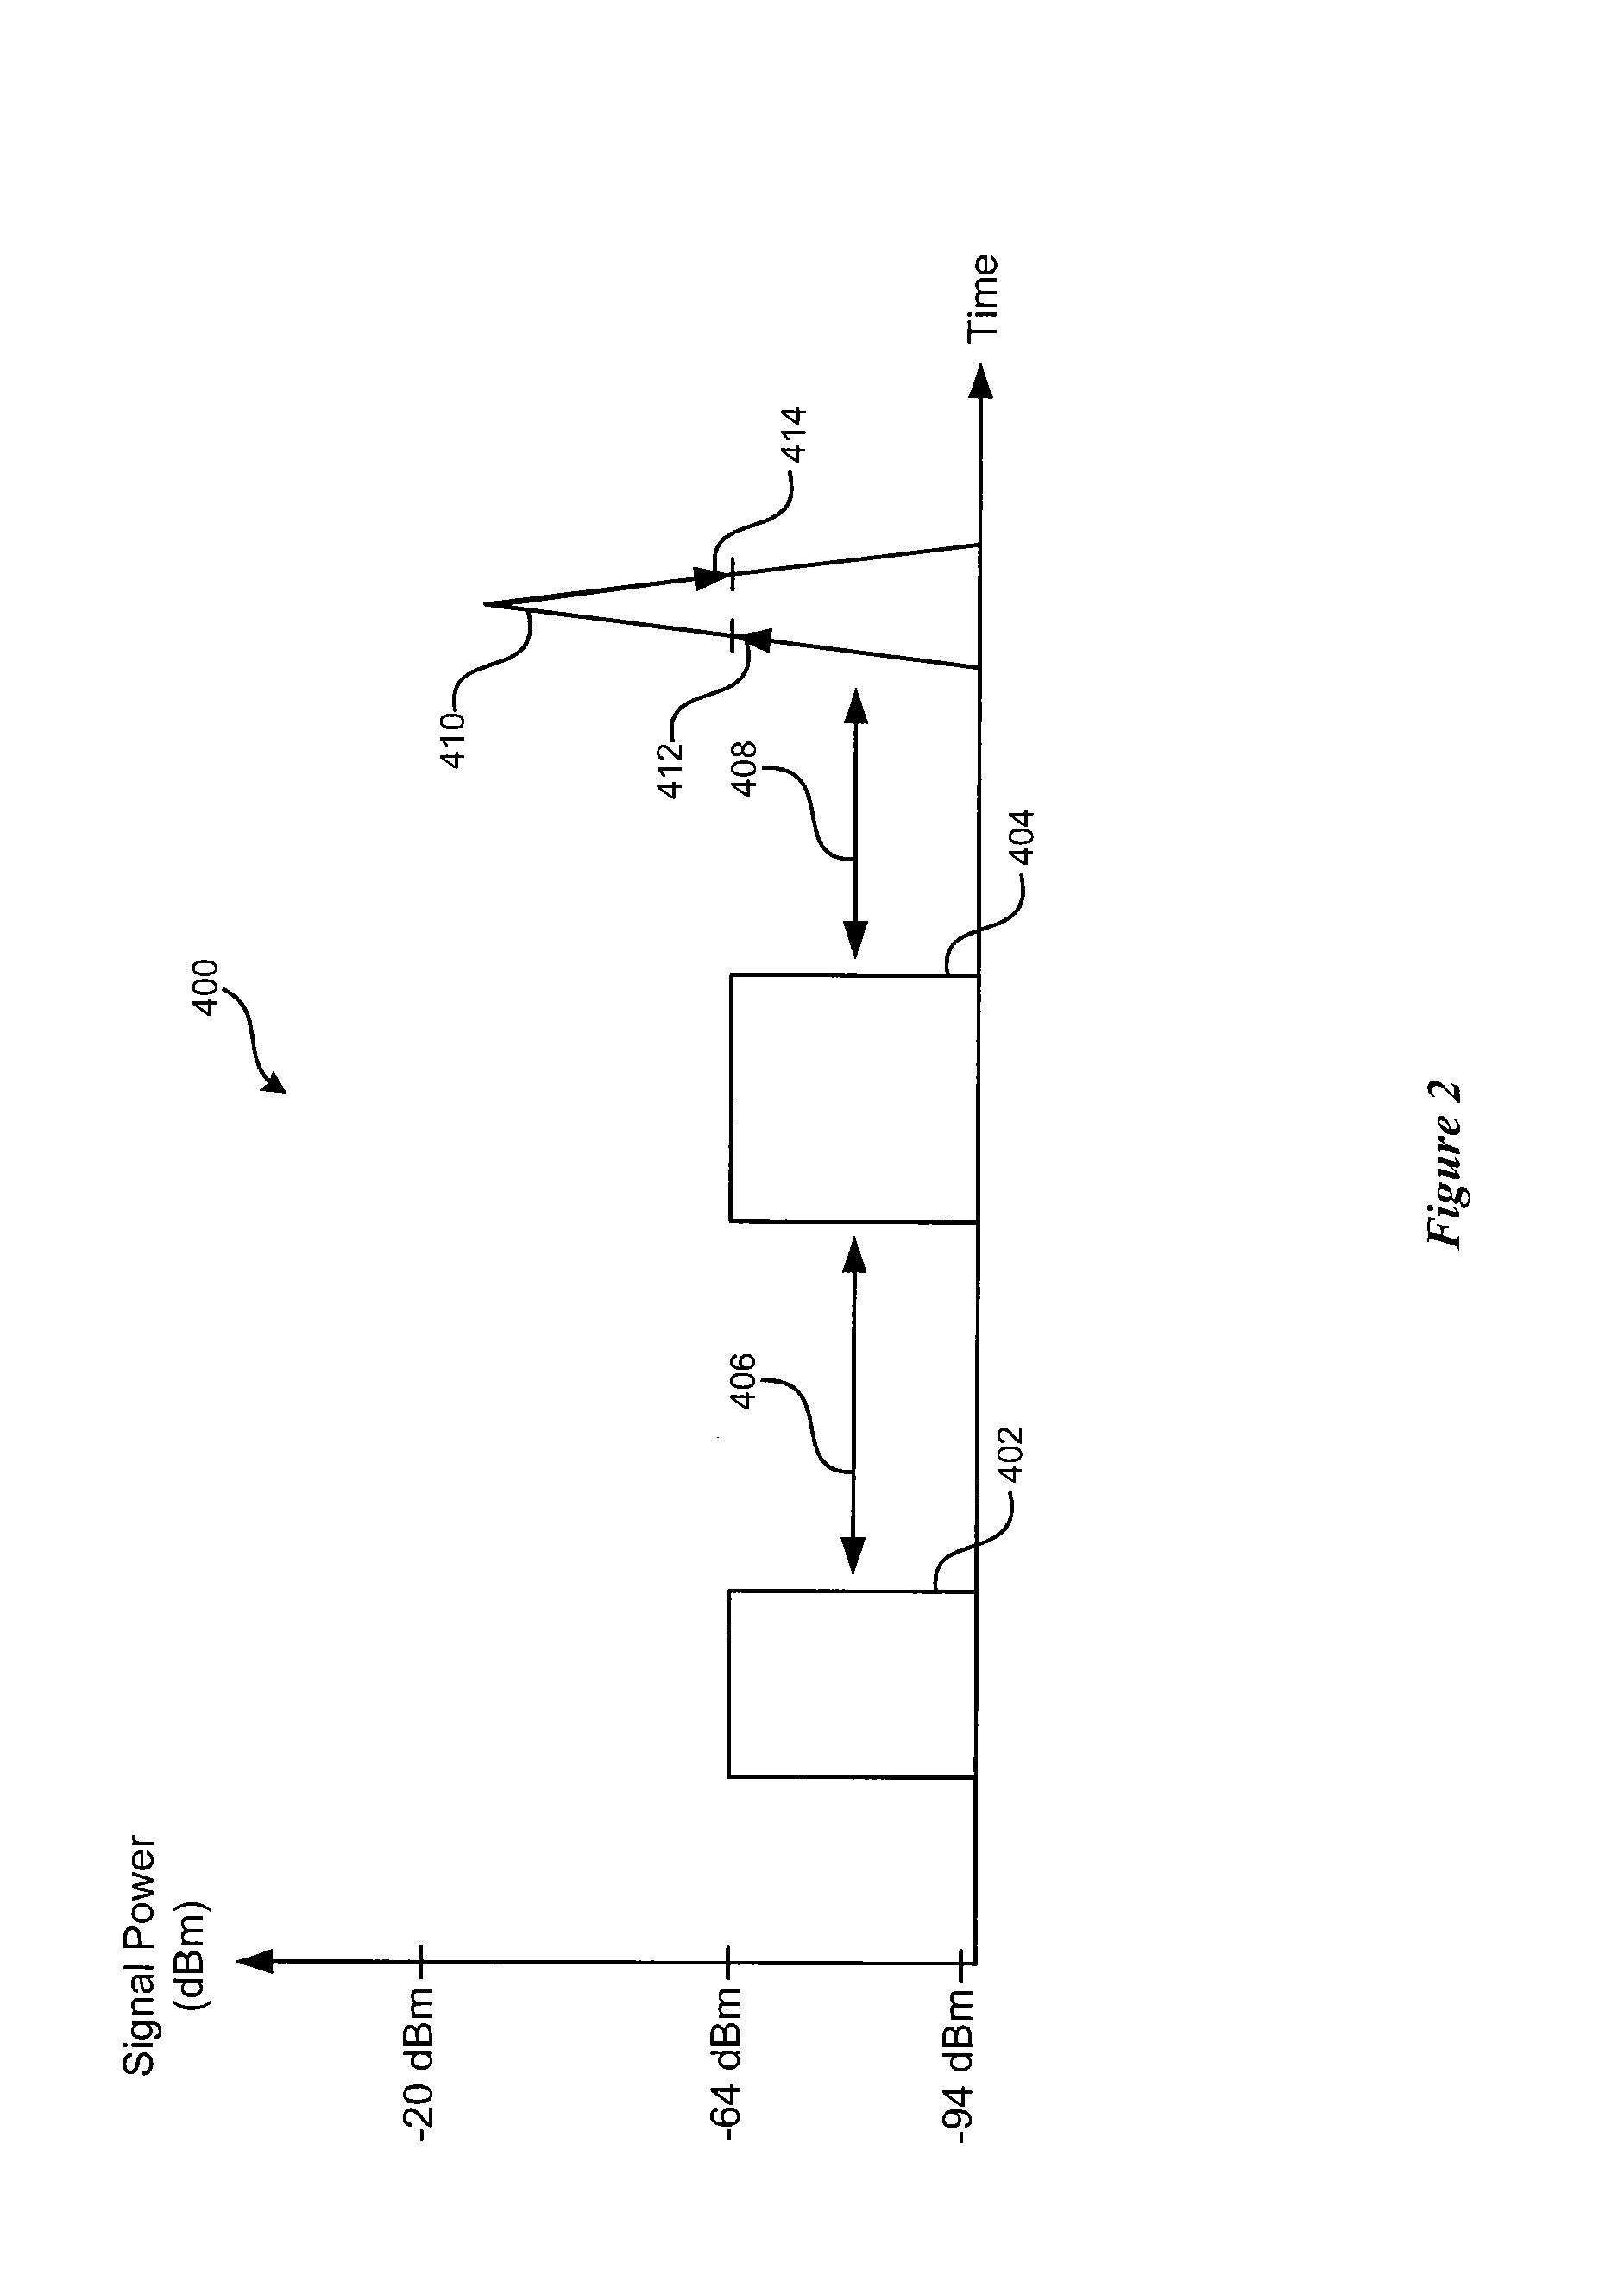 patent us20070188376